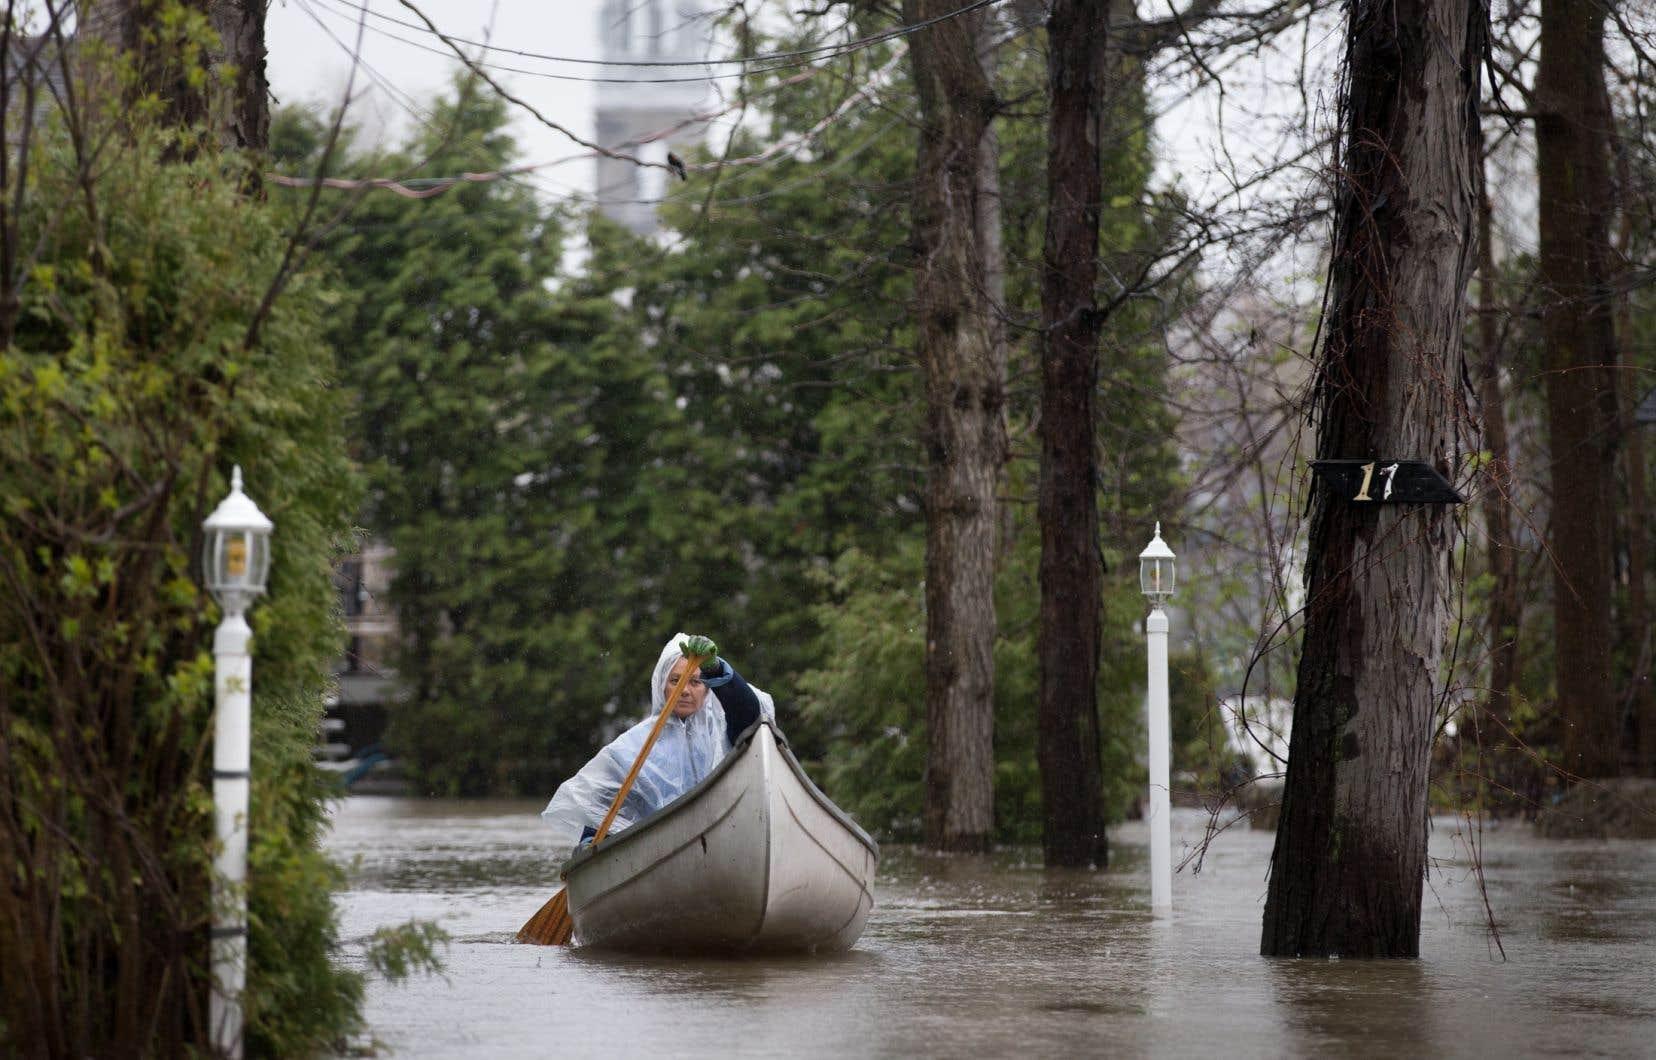 À l'image des inondations des printemps 2017 et 2019, les risques auxquels sont confrontées les collectivités augmentent d'année en année.